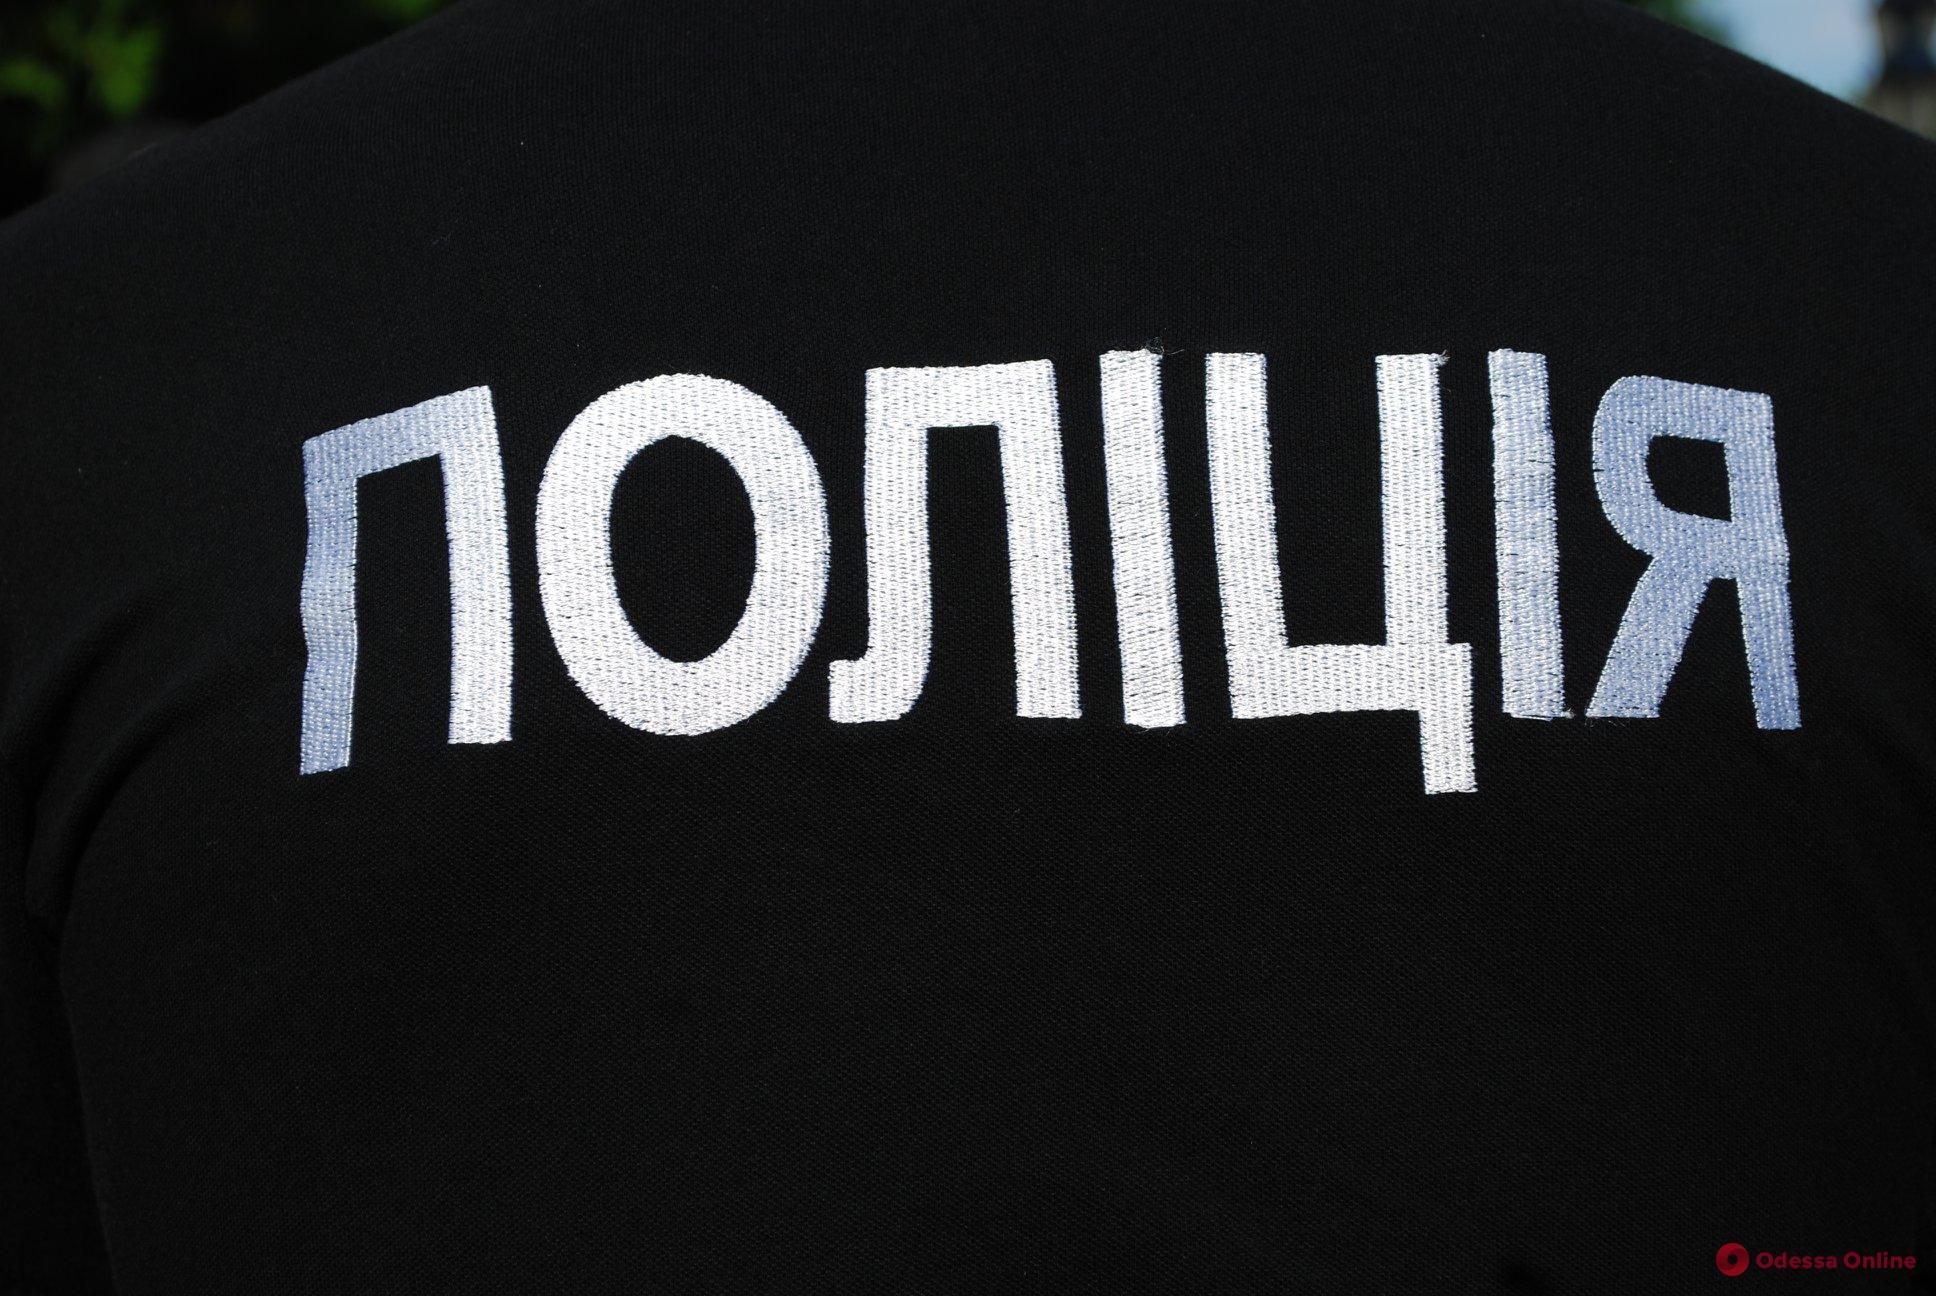 В Измаиле поймали похитителя крышек канализационных люков